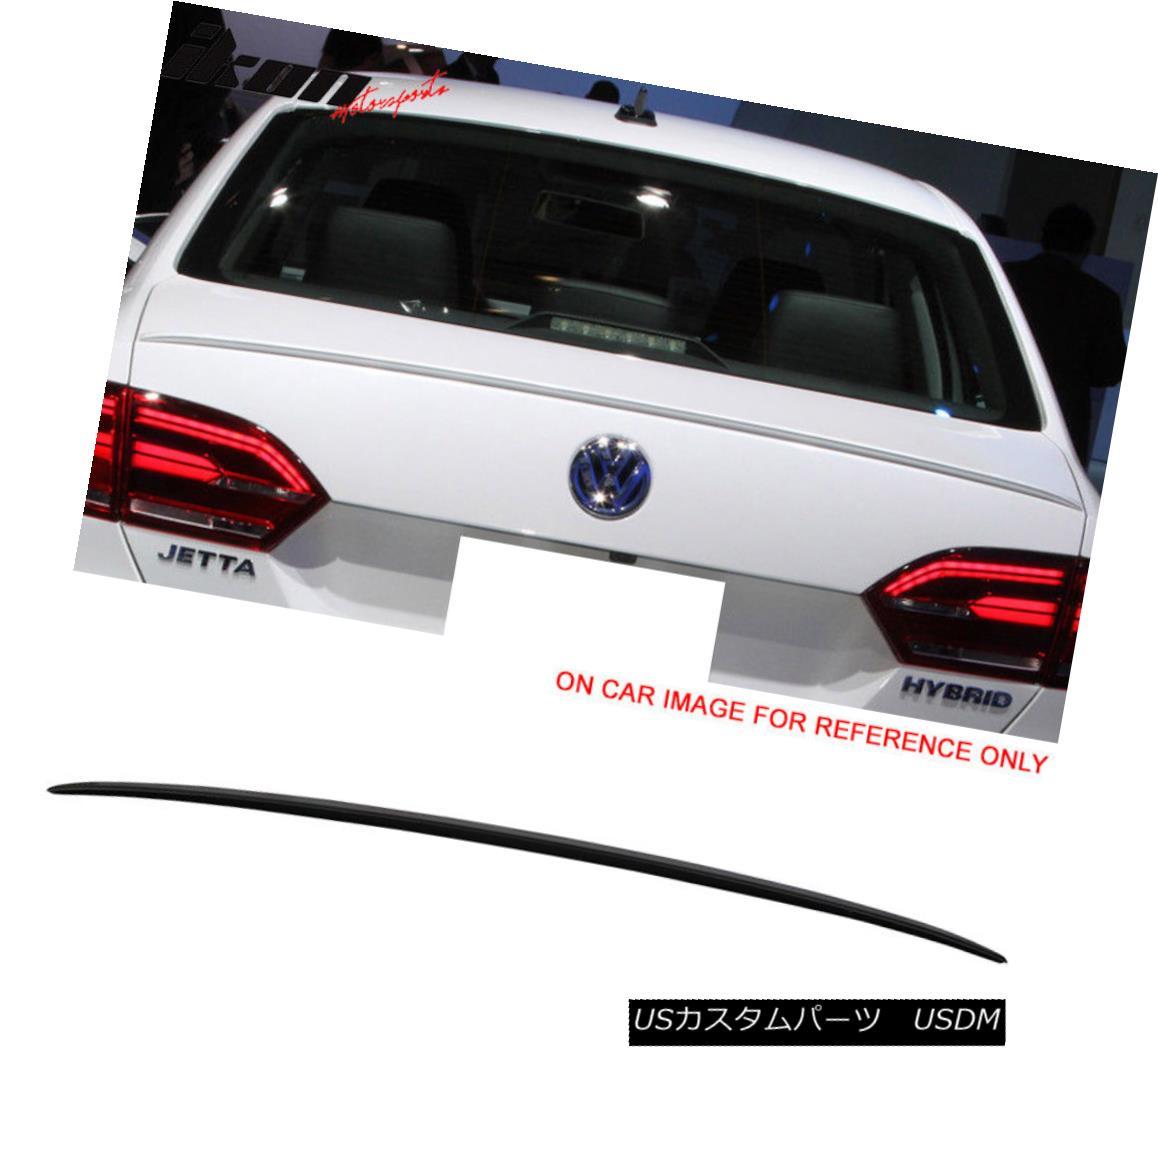 エアロパーツ Fits 11-15 VW Jetta OE Style Flush Mount Trunk Spoiler Painted # L041 Black 11-15 VW Jetta OEスタイルのフラットマウントトランク・スポイラー#L041を塗装